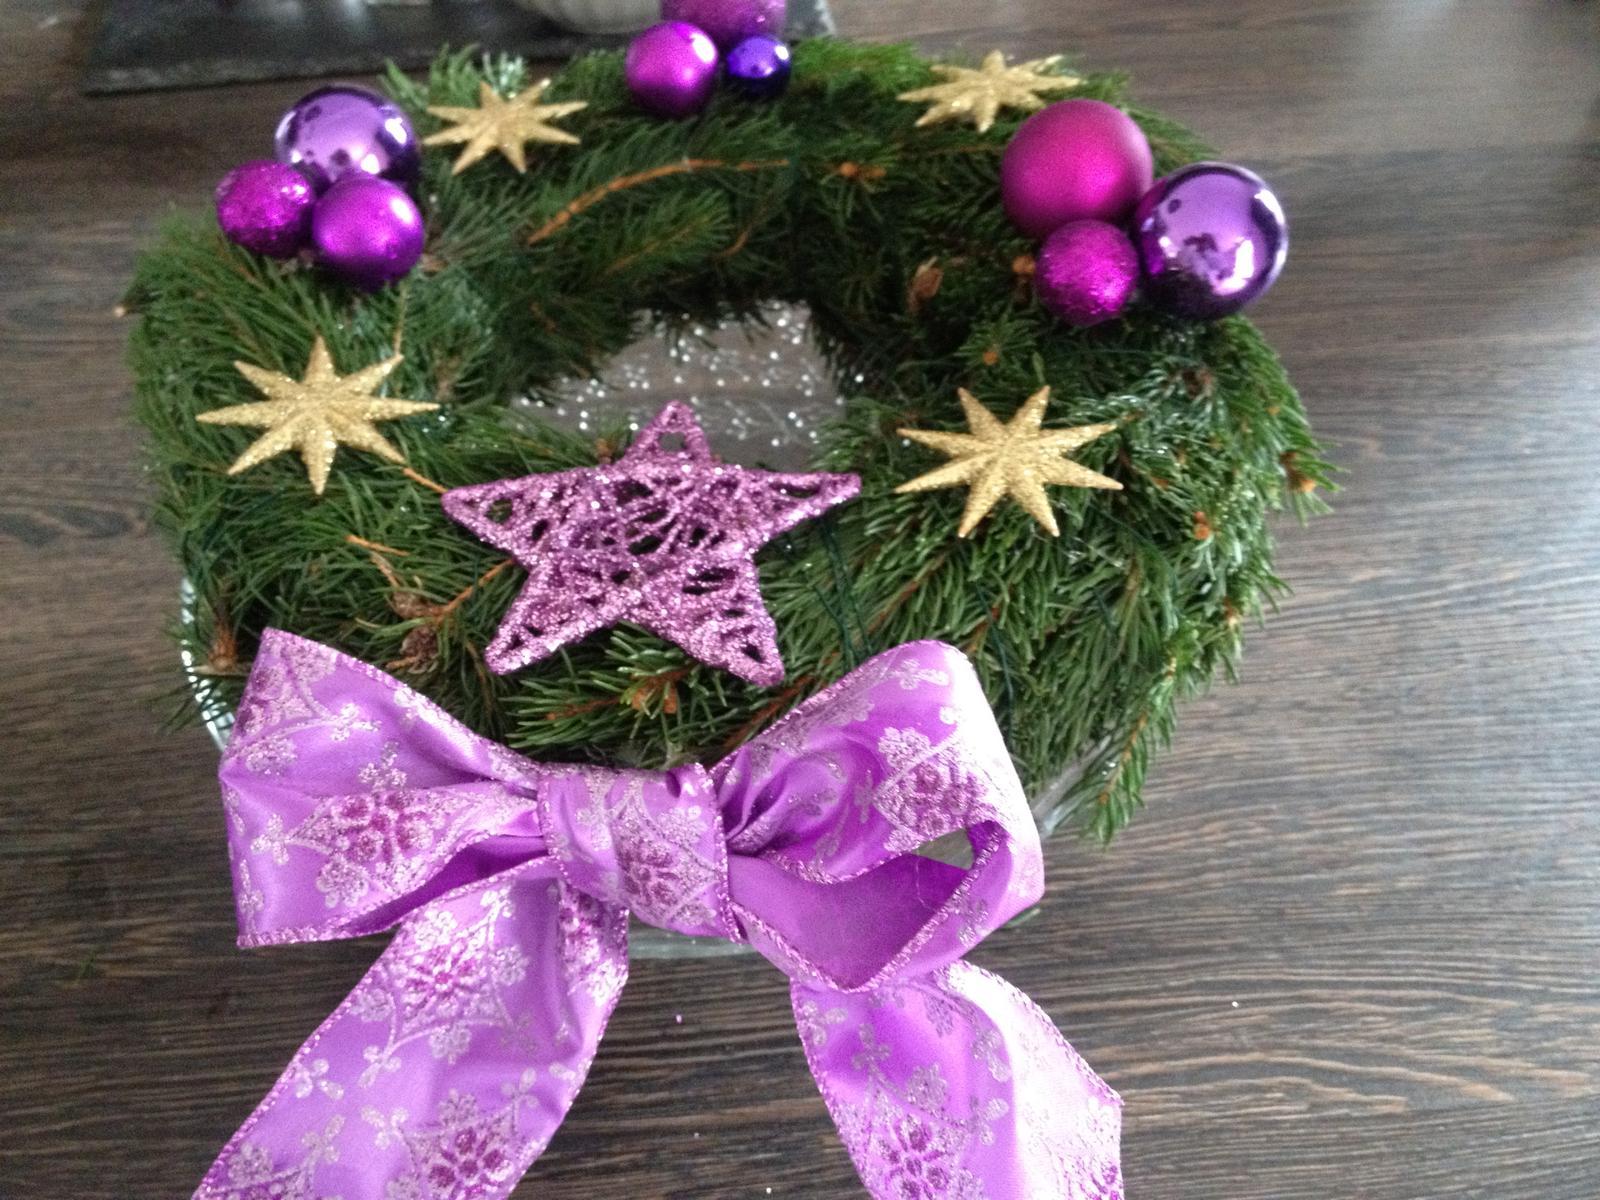 Vánoční:-) - věnec bez svíček 2013